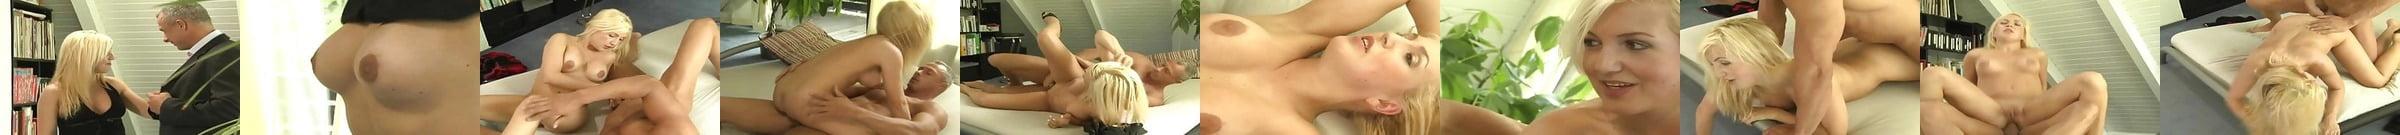 Ausgerechnet Porno